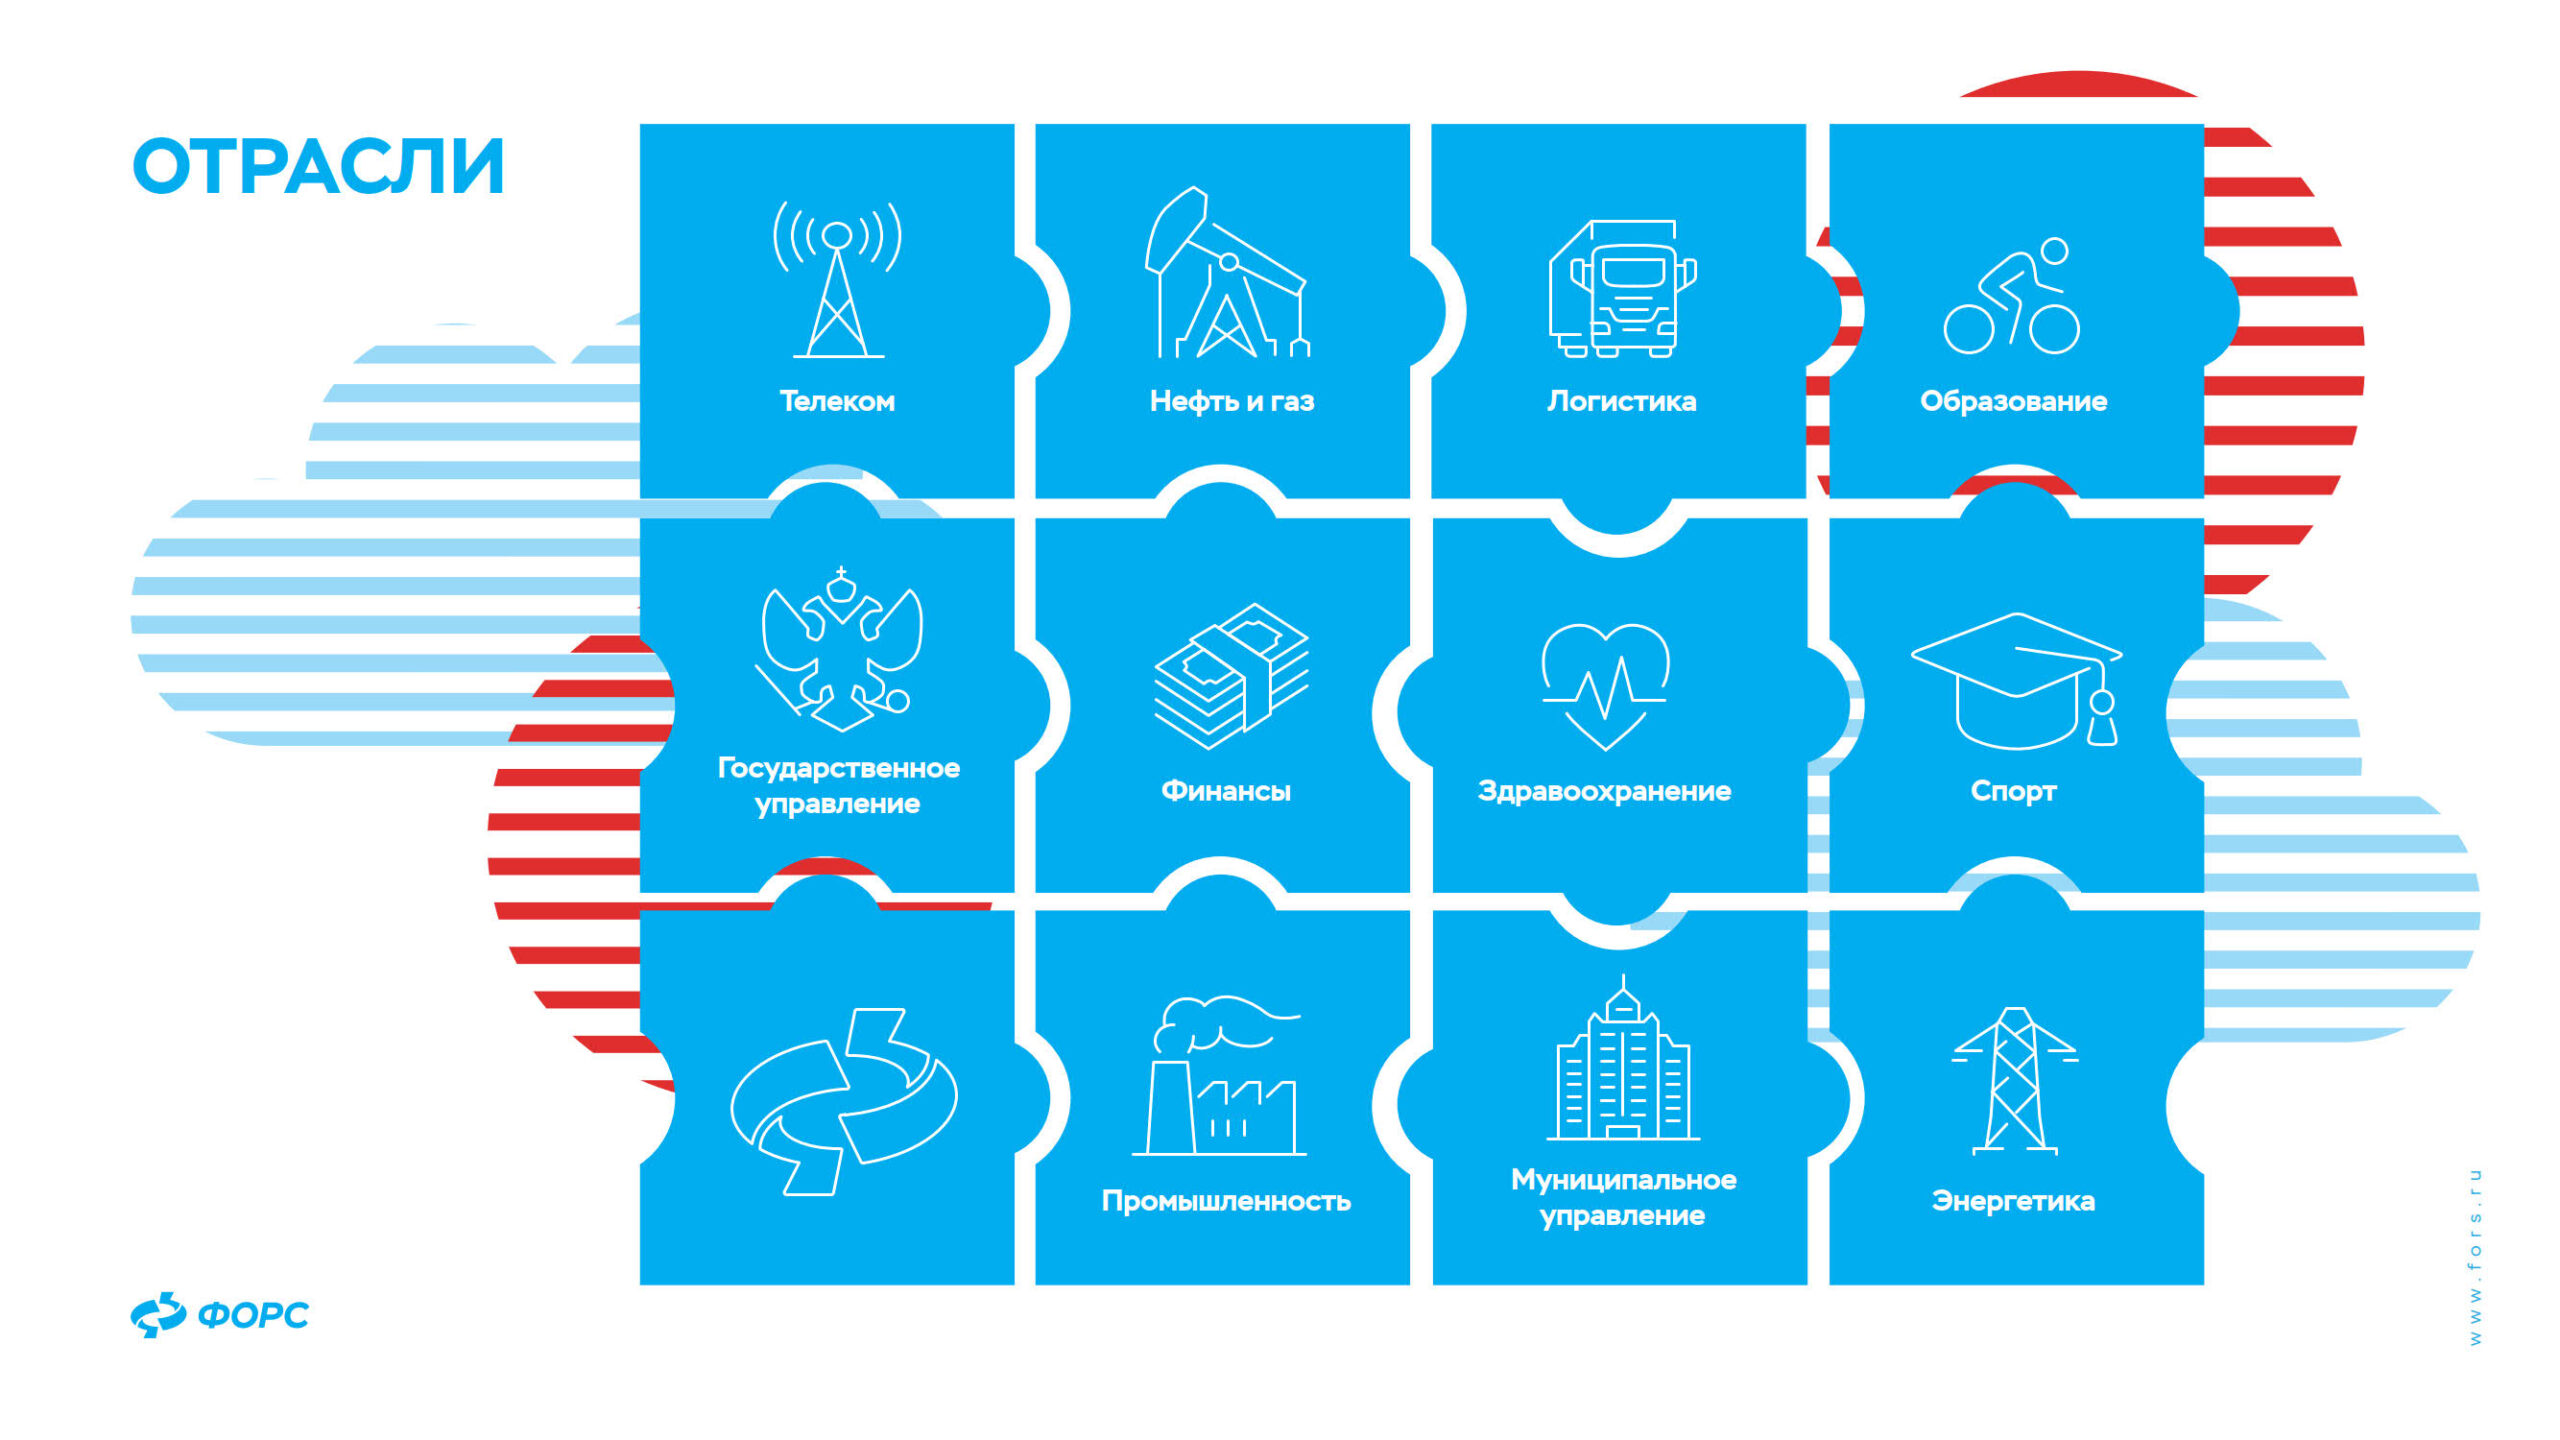 prezentacziya-produktov-dlya-it-infrastruktury-otrasli